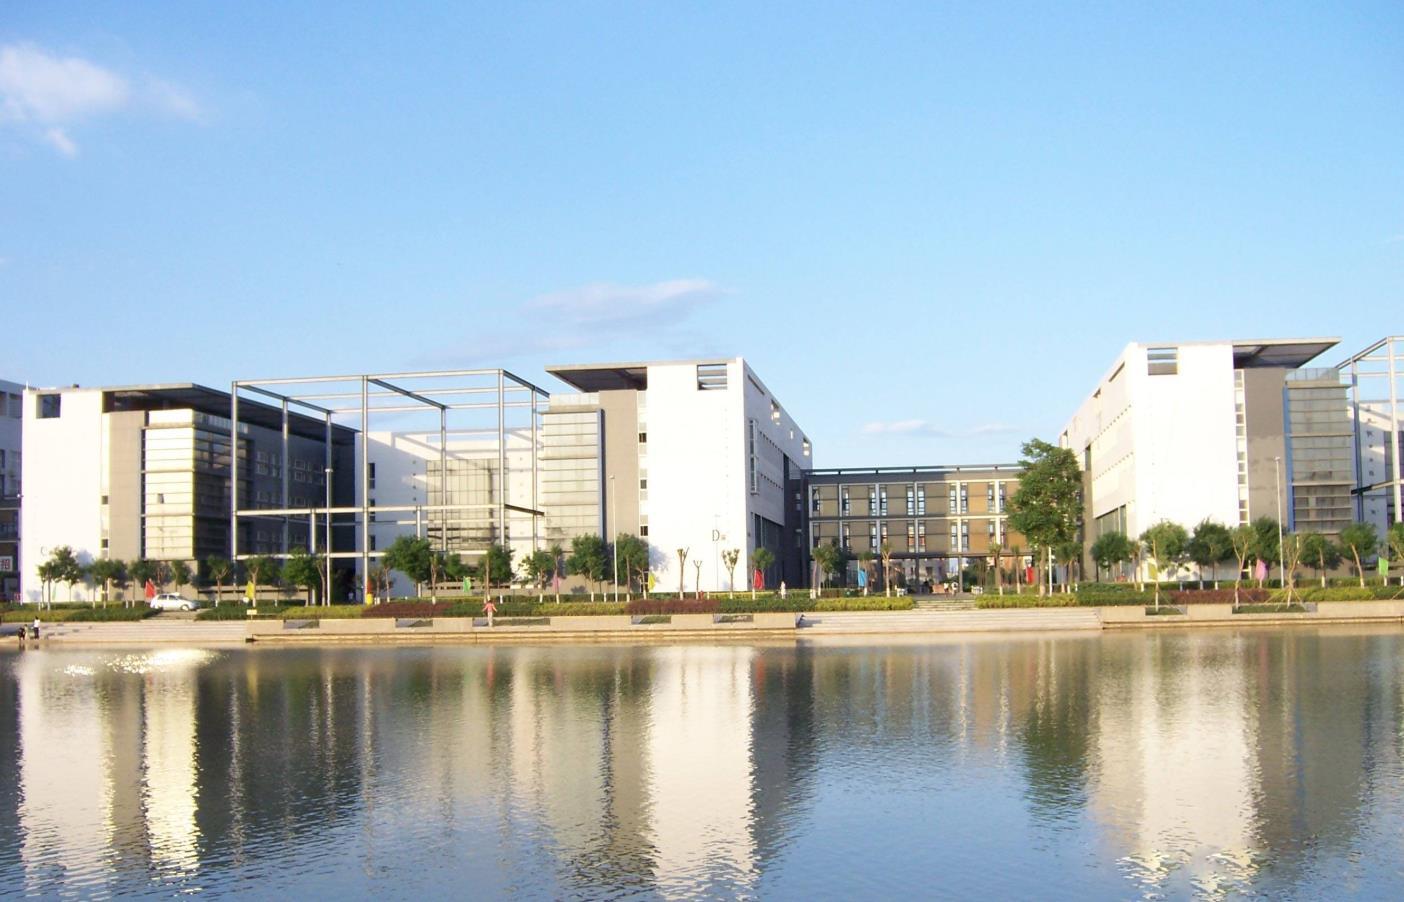 天津十强高校排名公布,这三所大学排名倒数,天津科技大学排第九